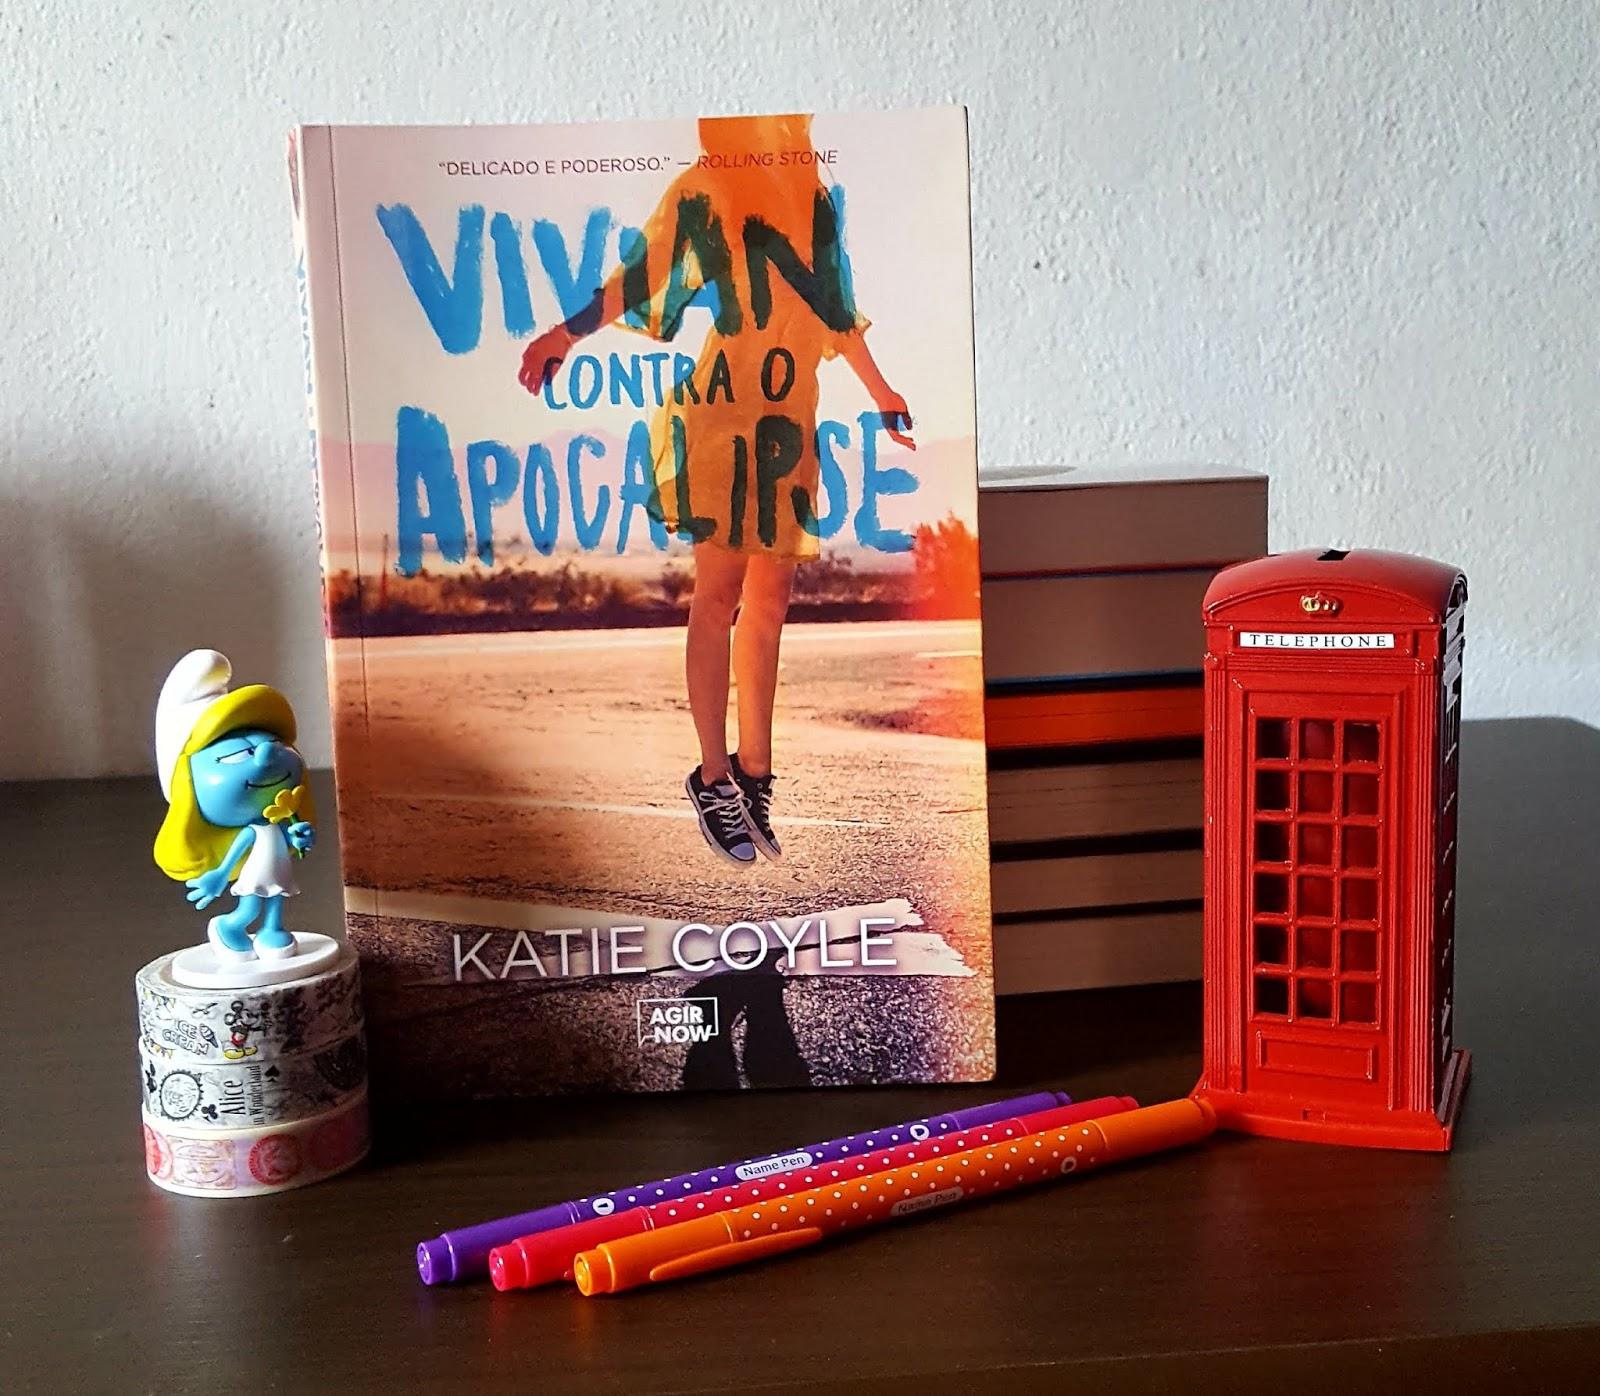 Vivian contra o apocalipse